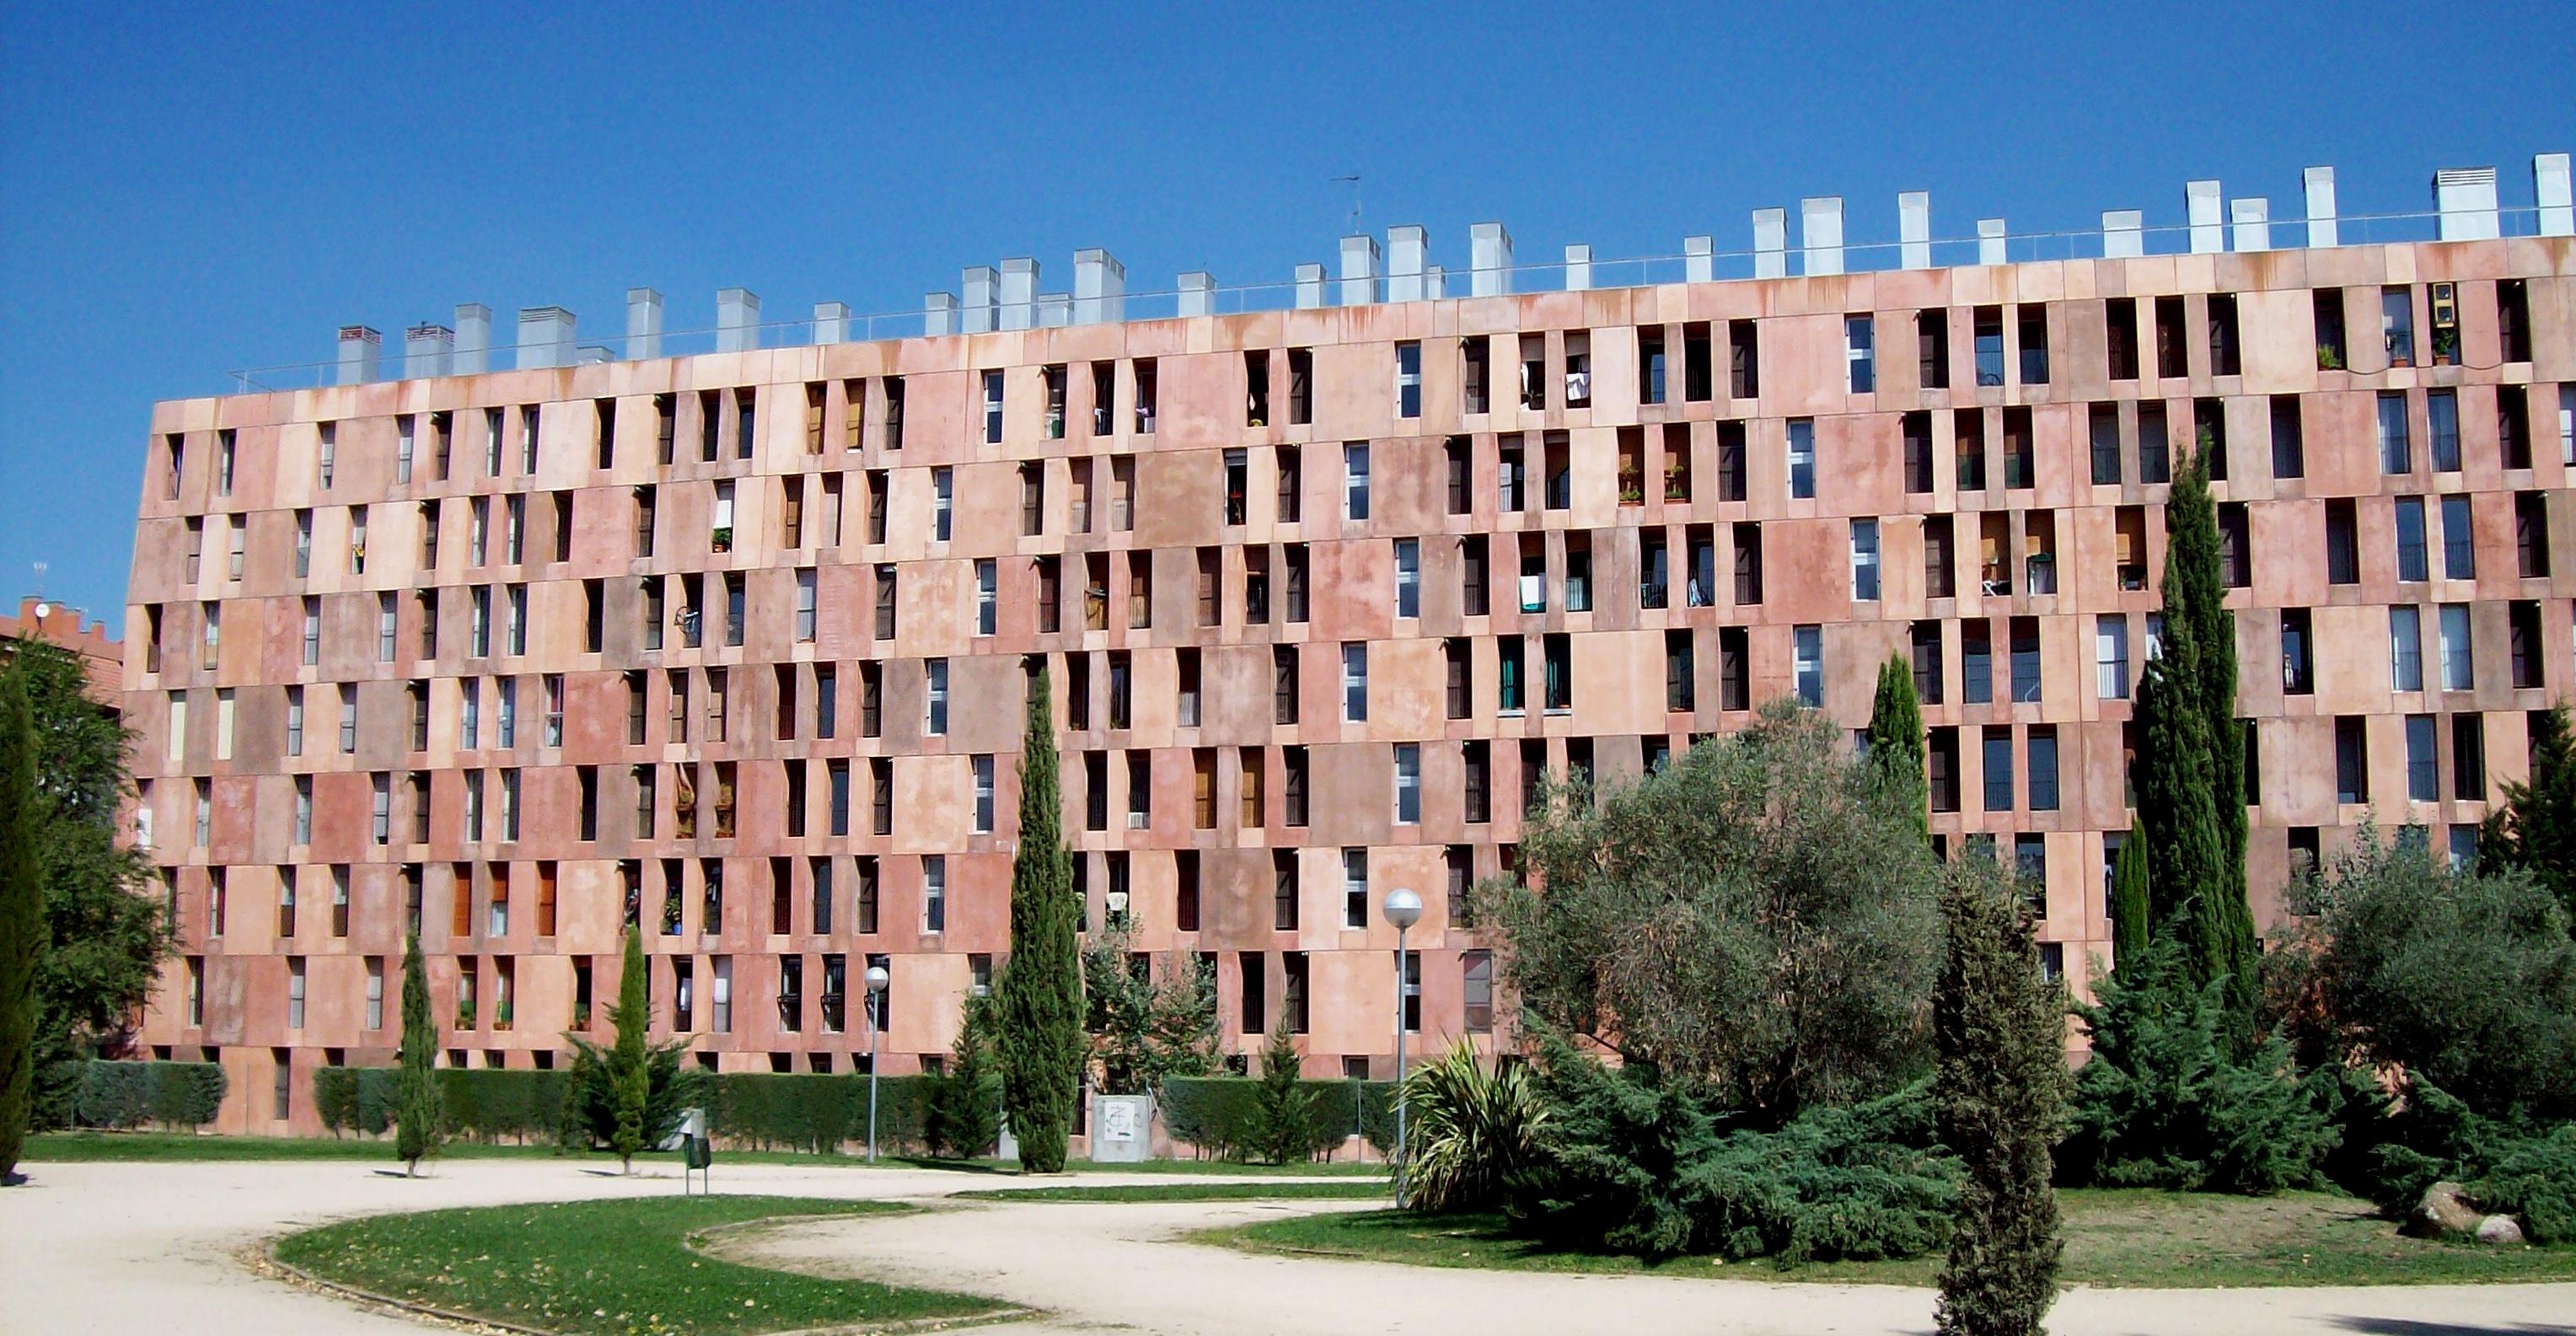 Эдифисио Verona,203А, Вильяверде, Мадрид. Фото 2